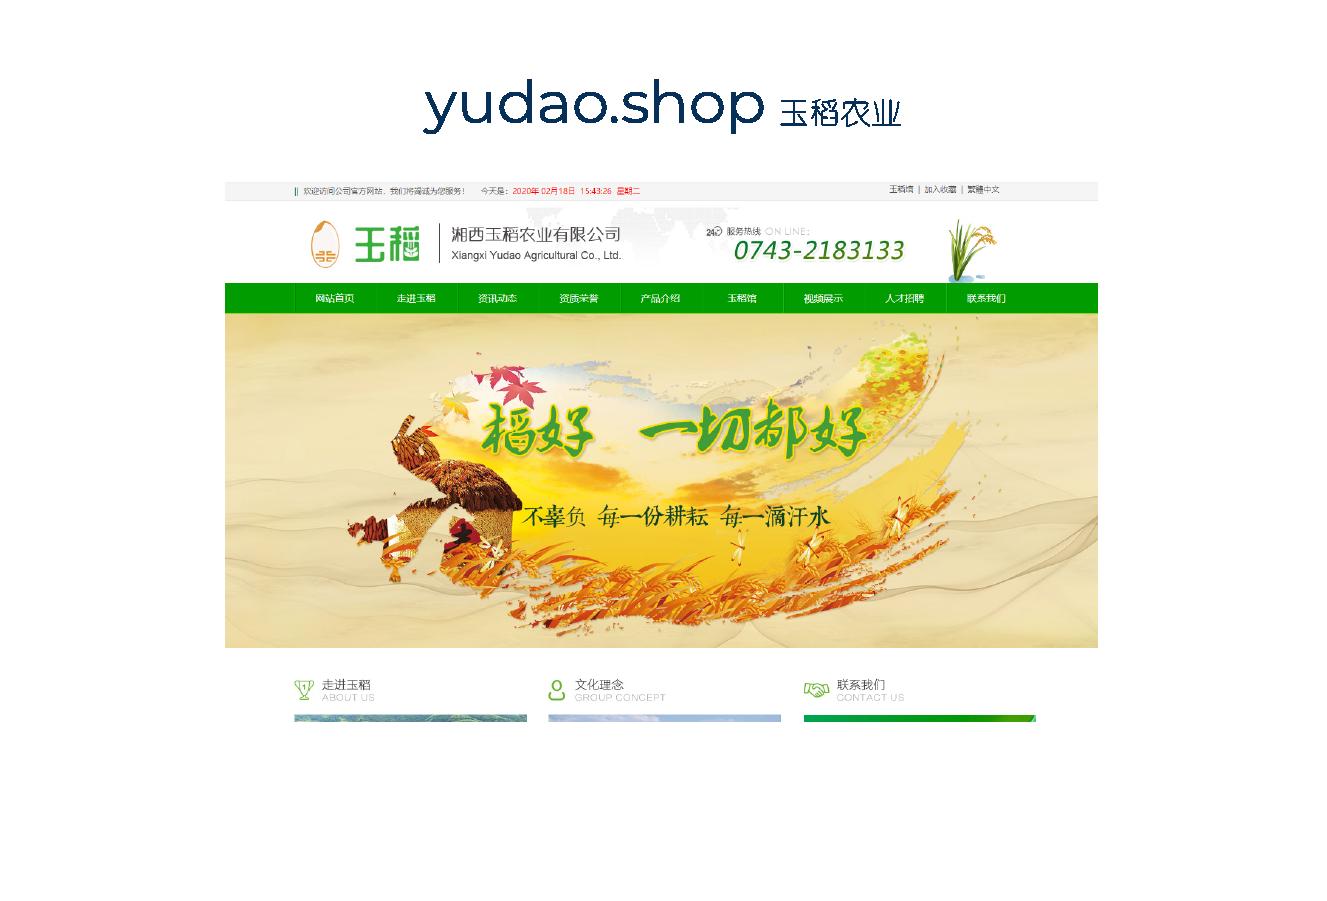 yudao.shop